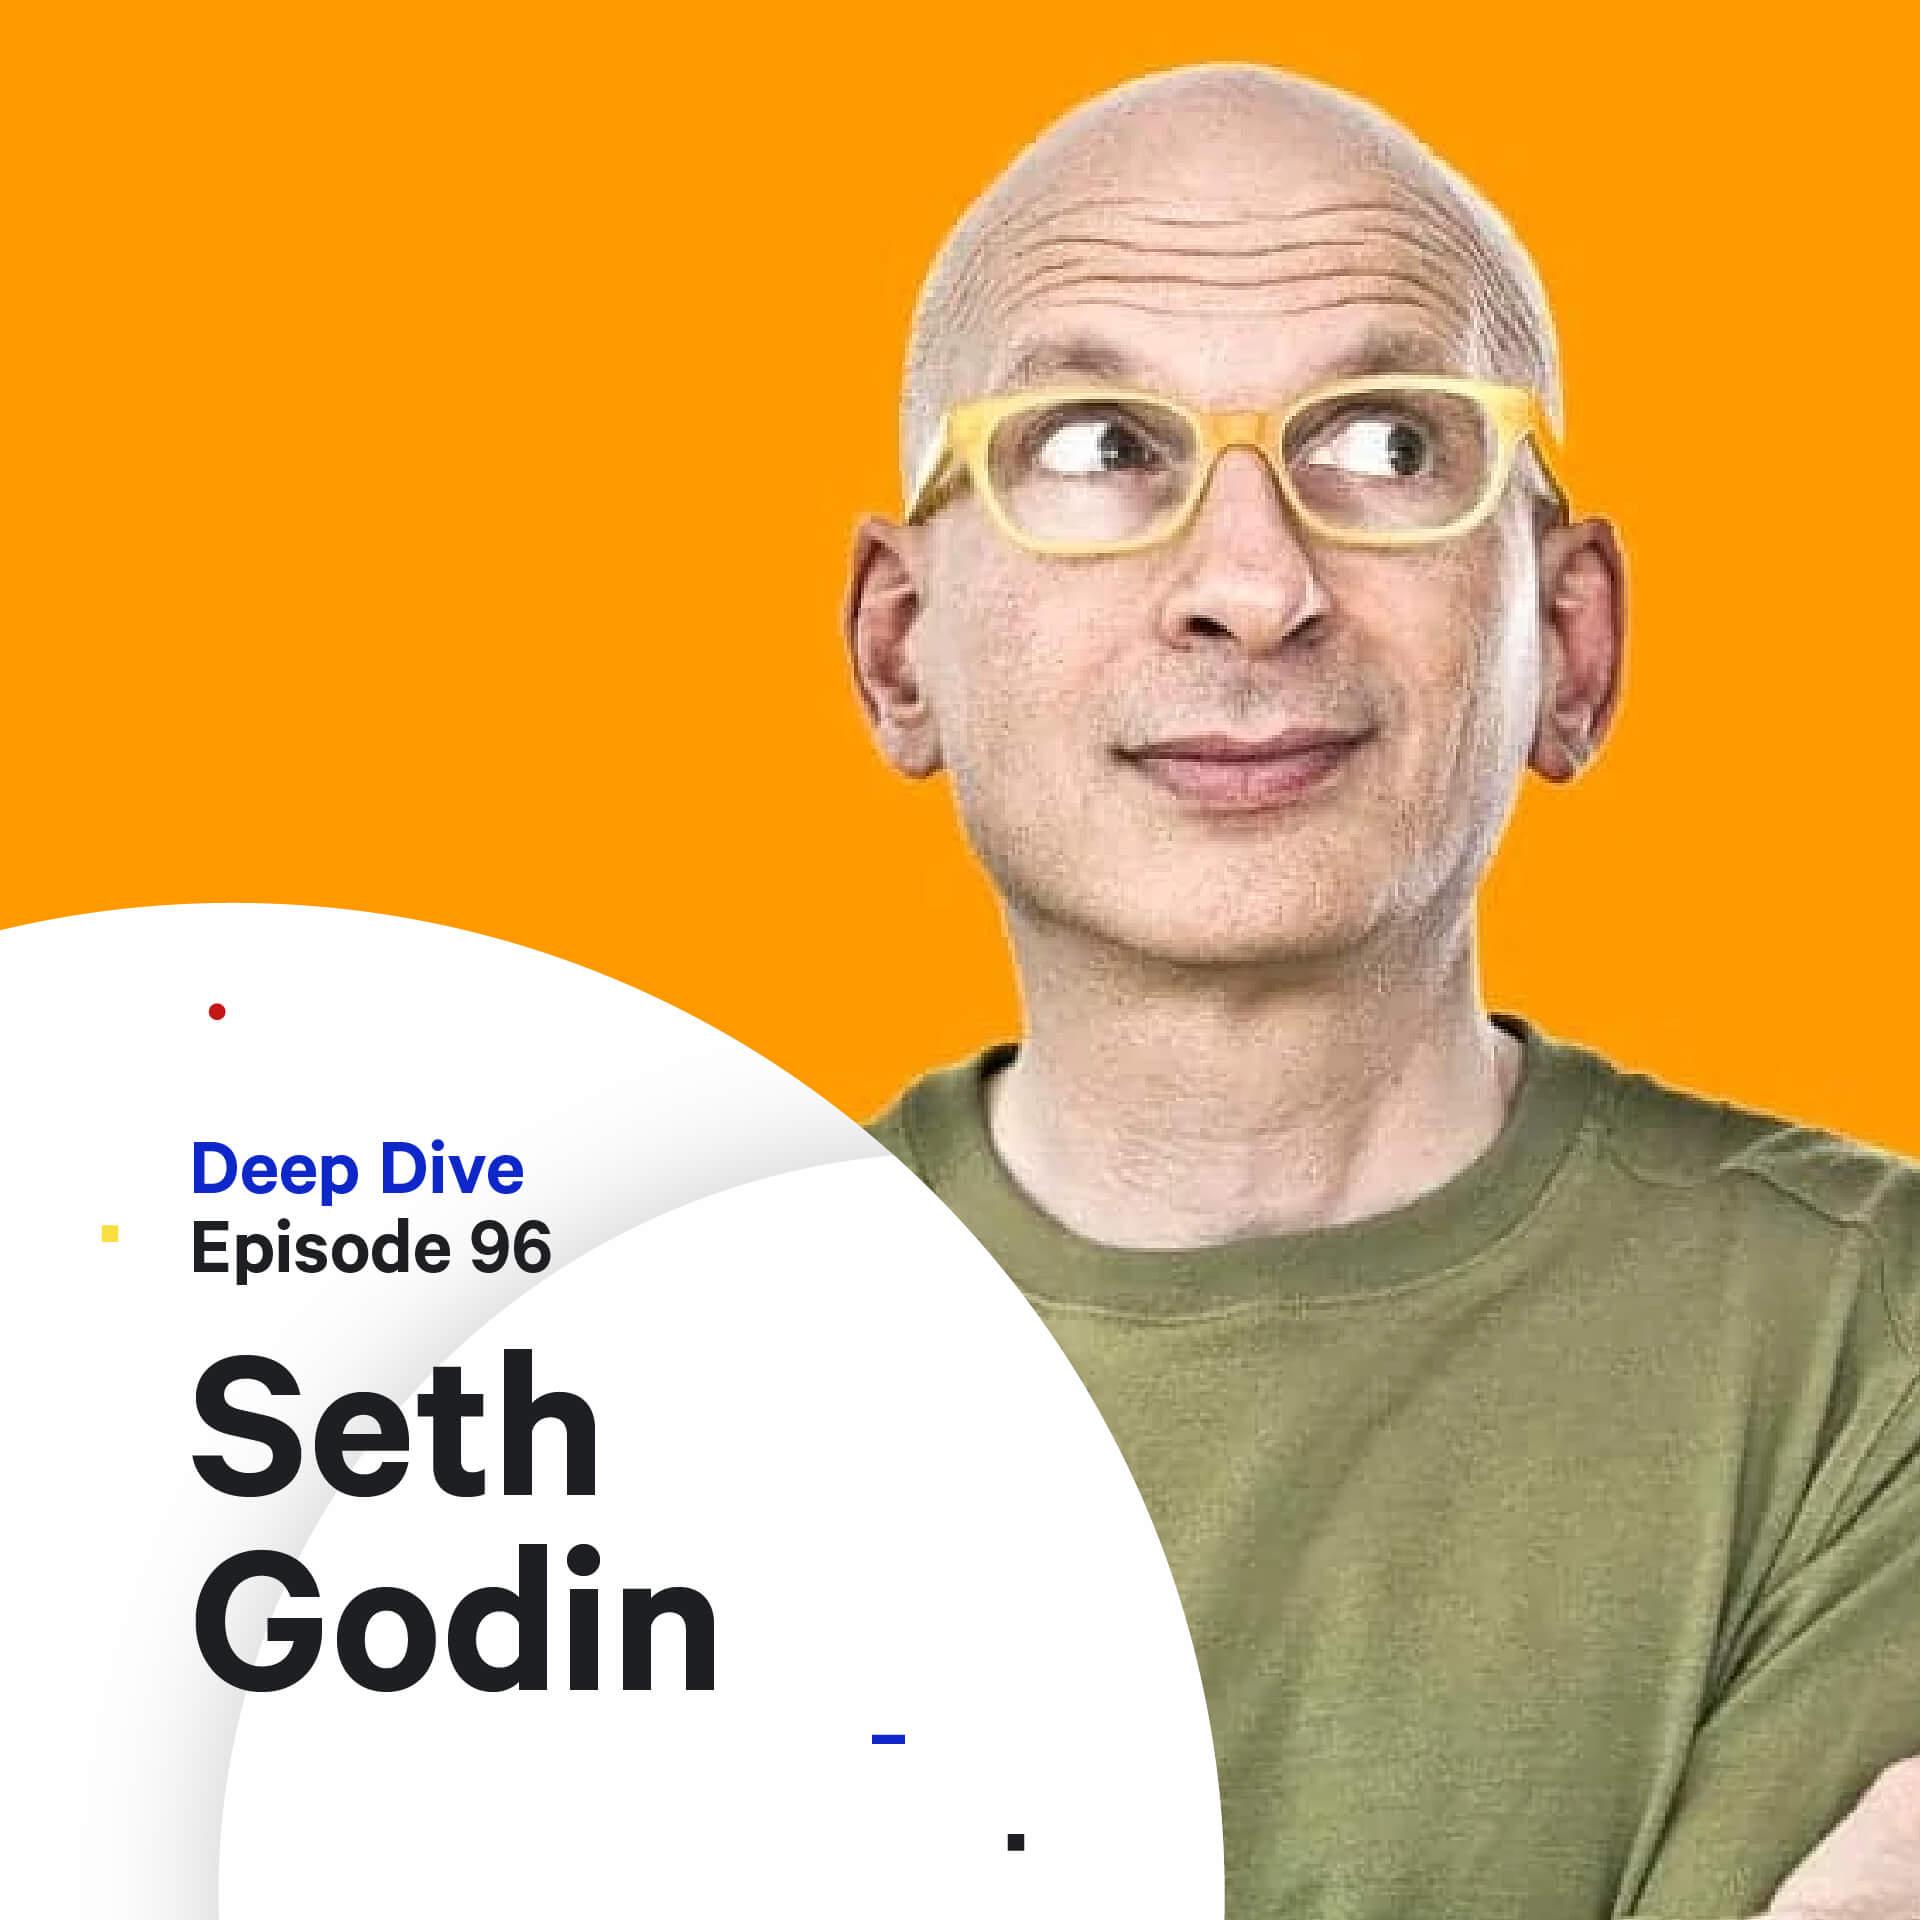 深度潜水:如何成为一名专业人士